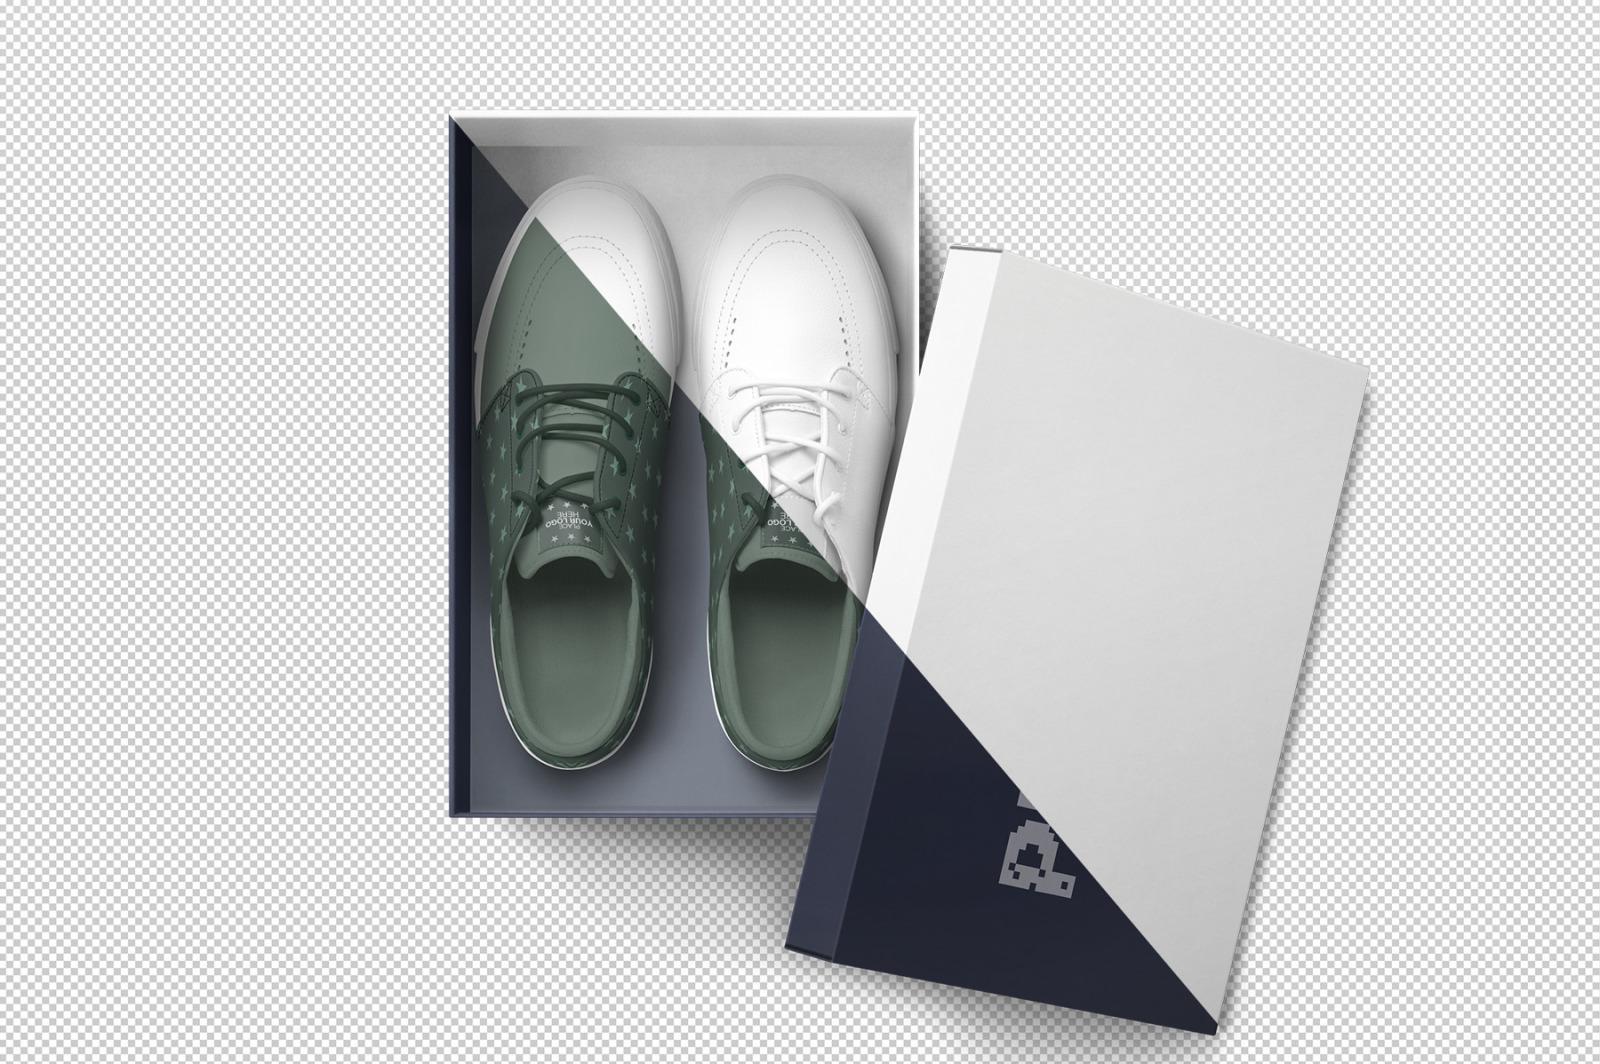 Shoes Designing Mockup